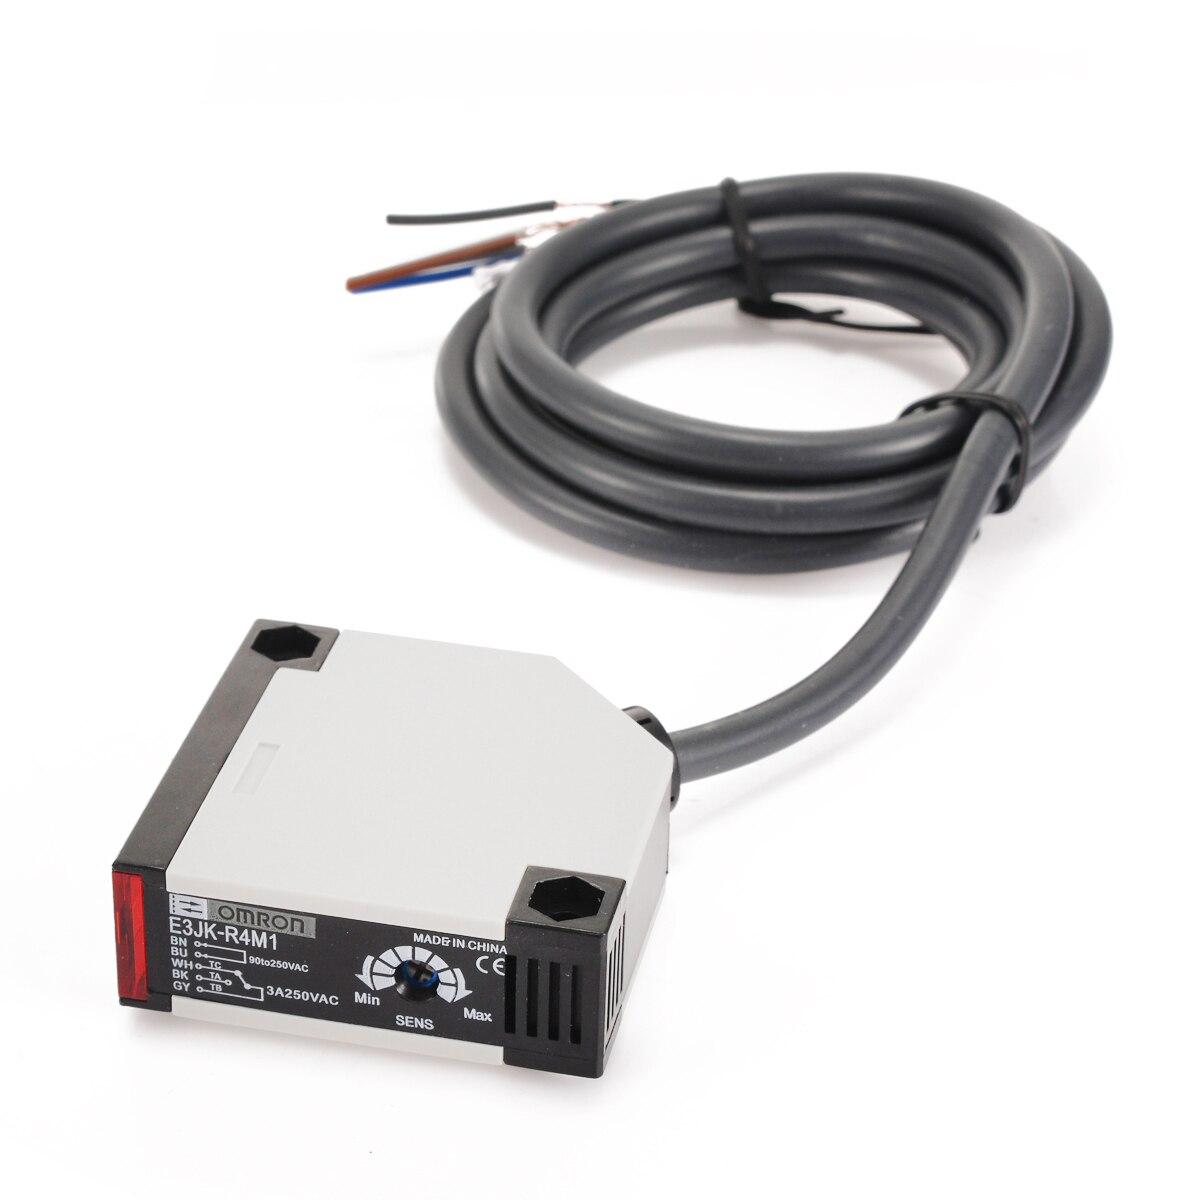 Specular Reflection Photoelectric AC 90-250V 3A E3JK-R4M1 Sensor Switch de